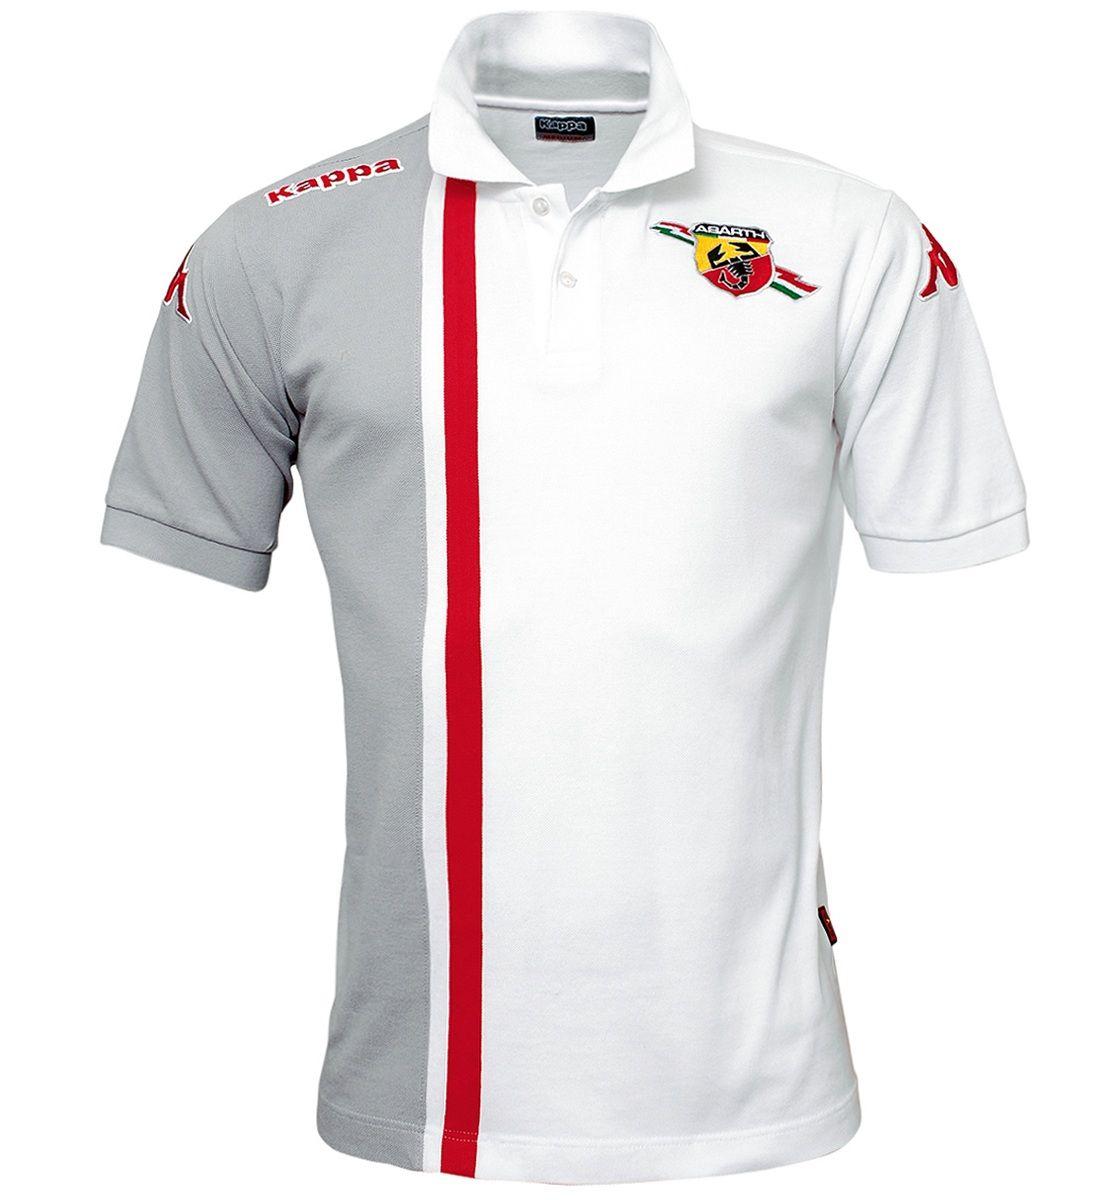 kappa sports apparel